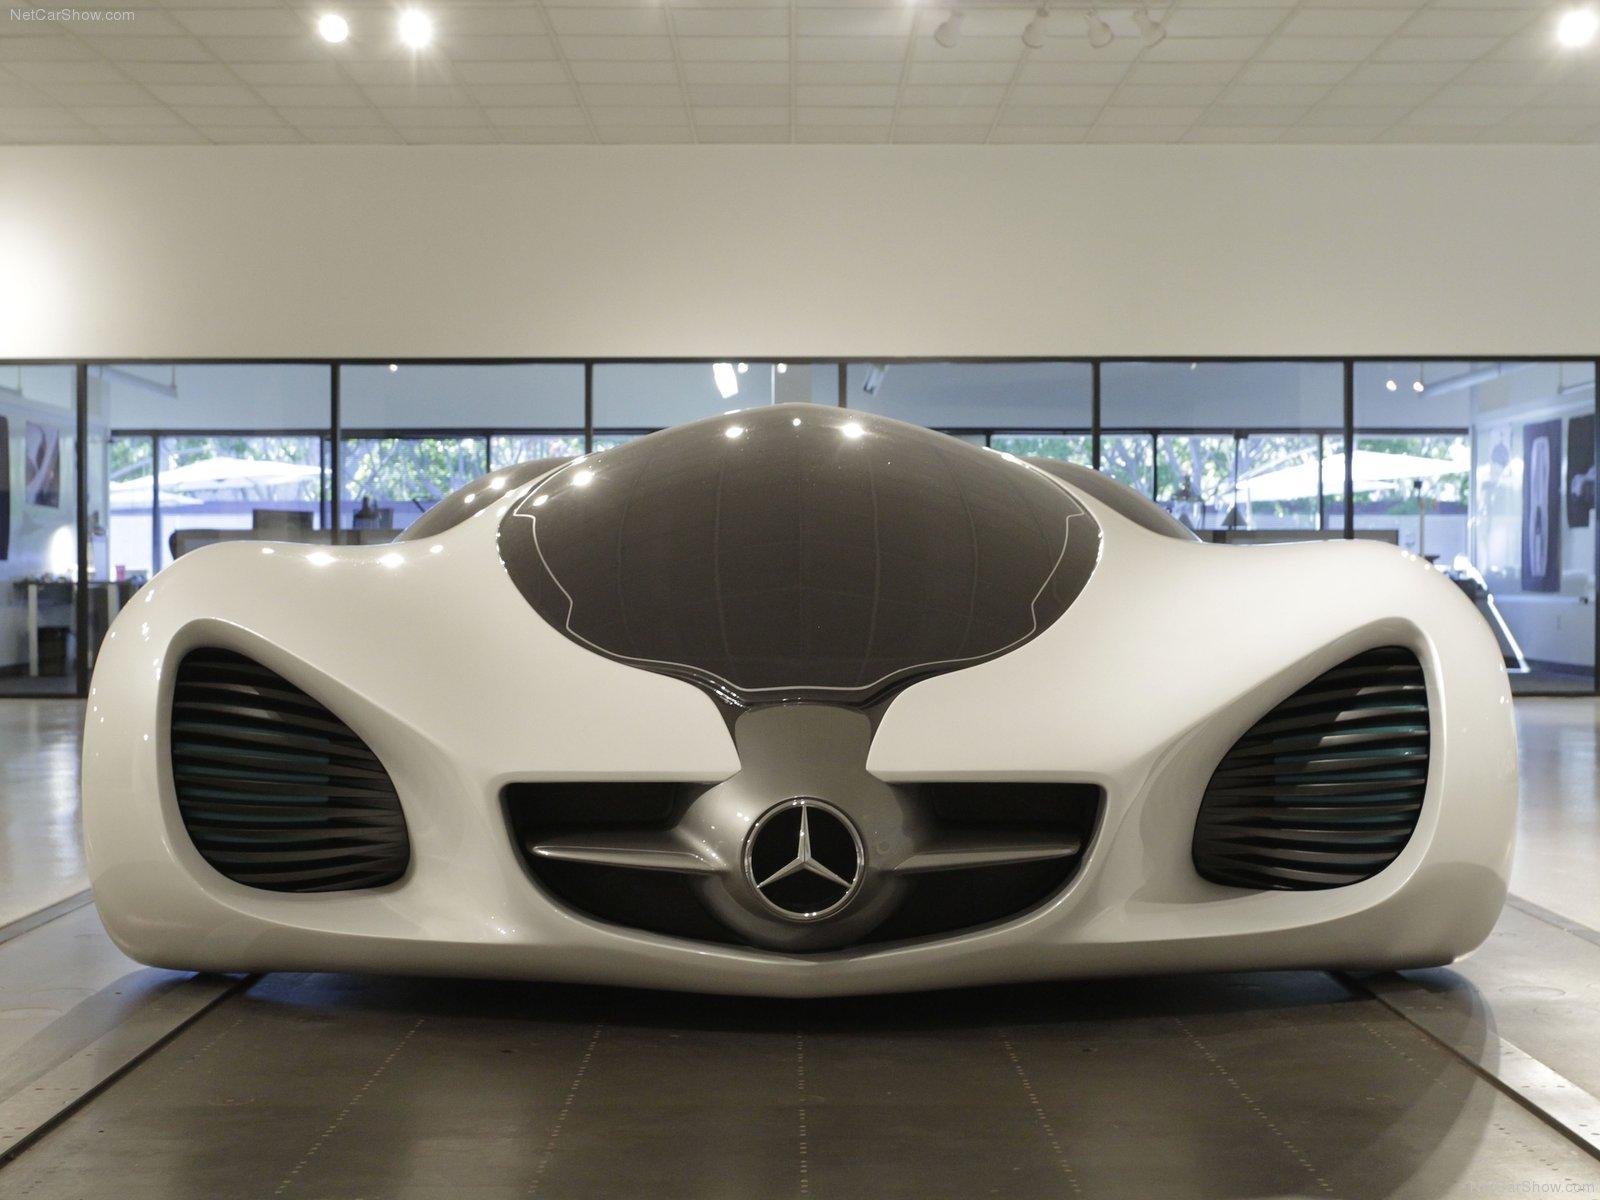 Mercedes benz biome_concept_2010_1600x1200_wallpaper_0a